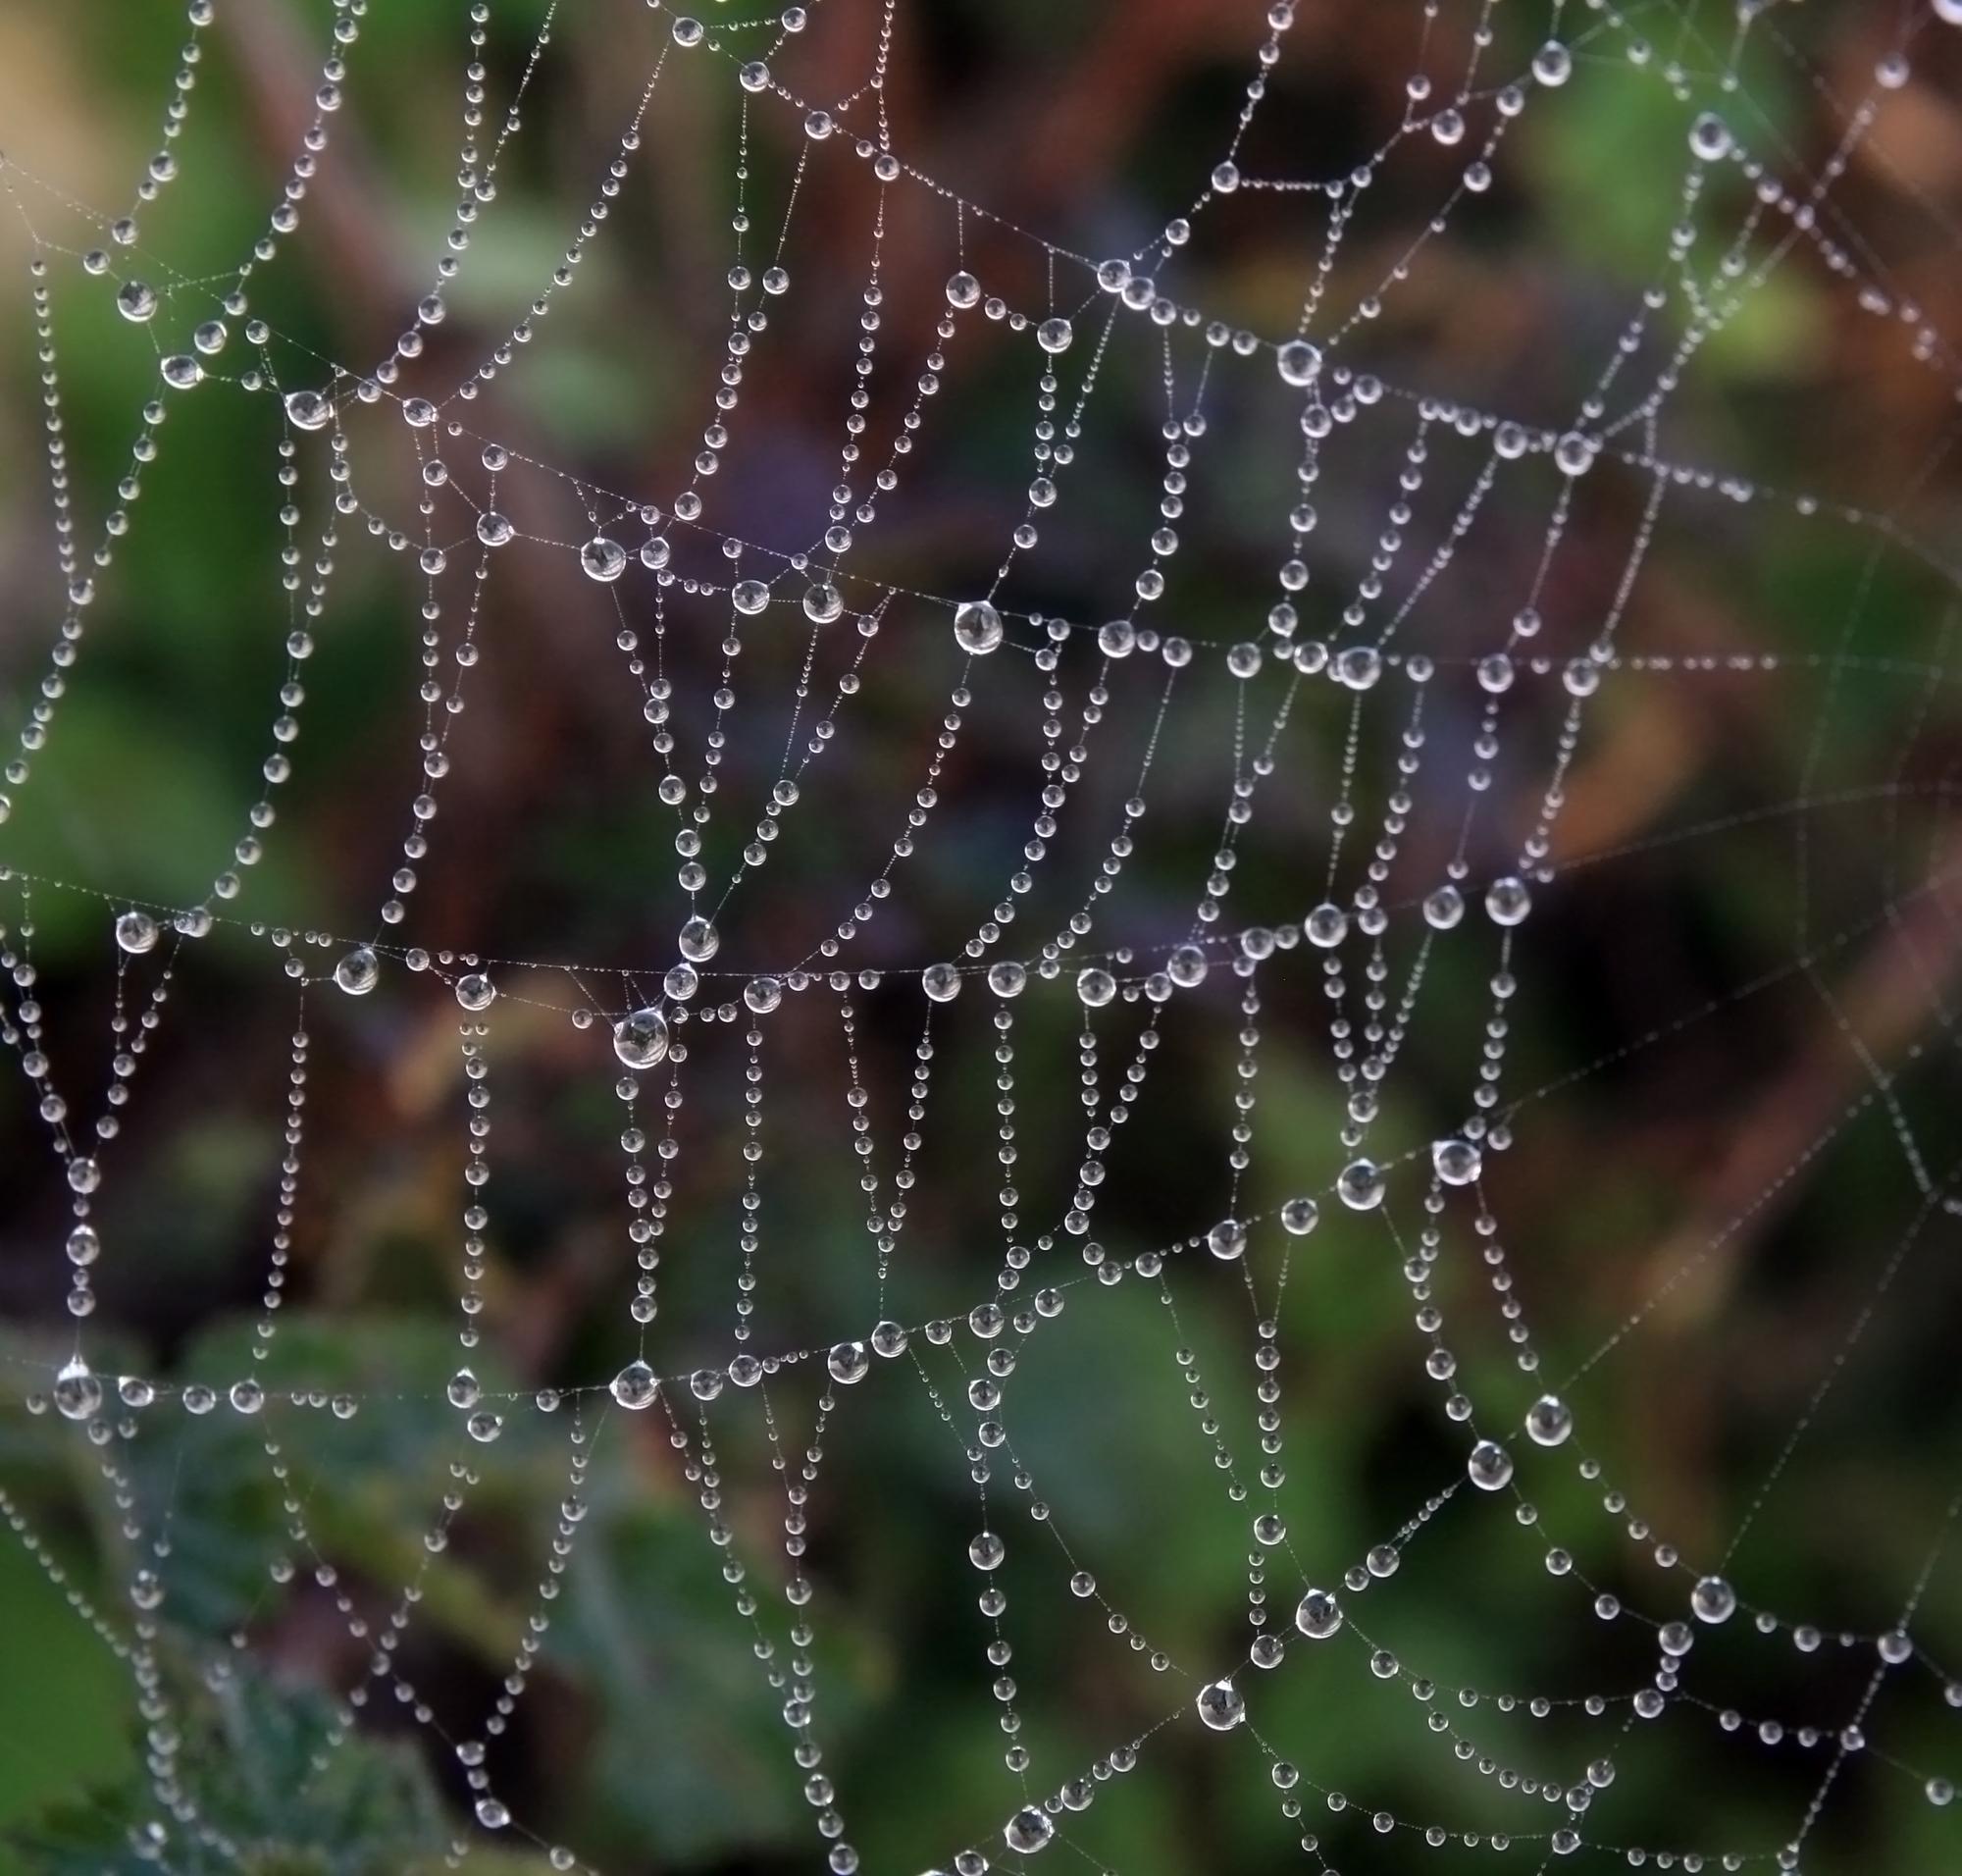 이슬이 맺힌 거미줄 사진